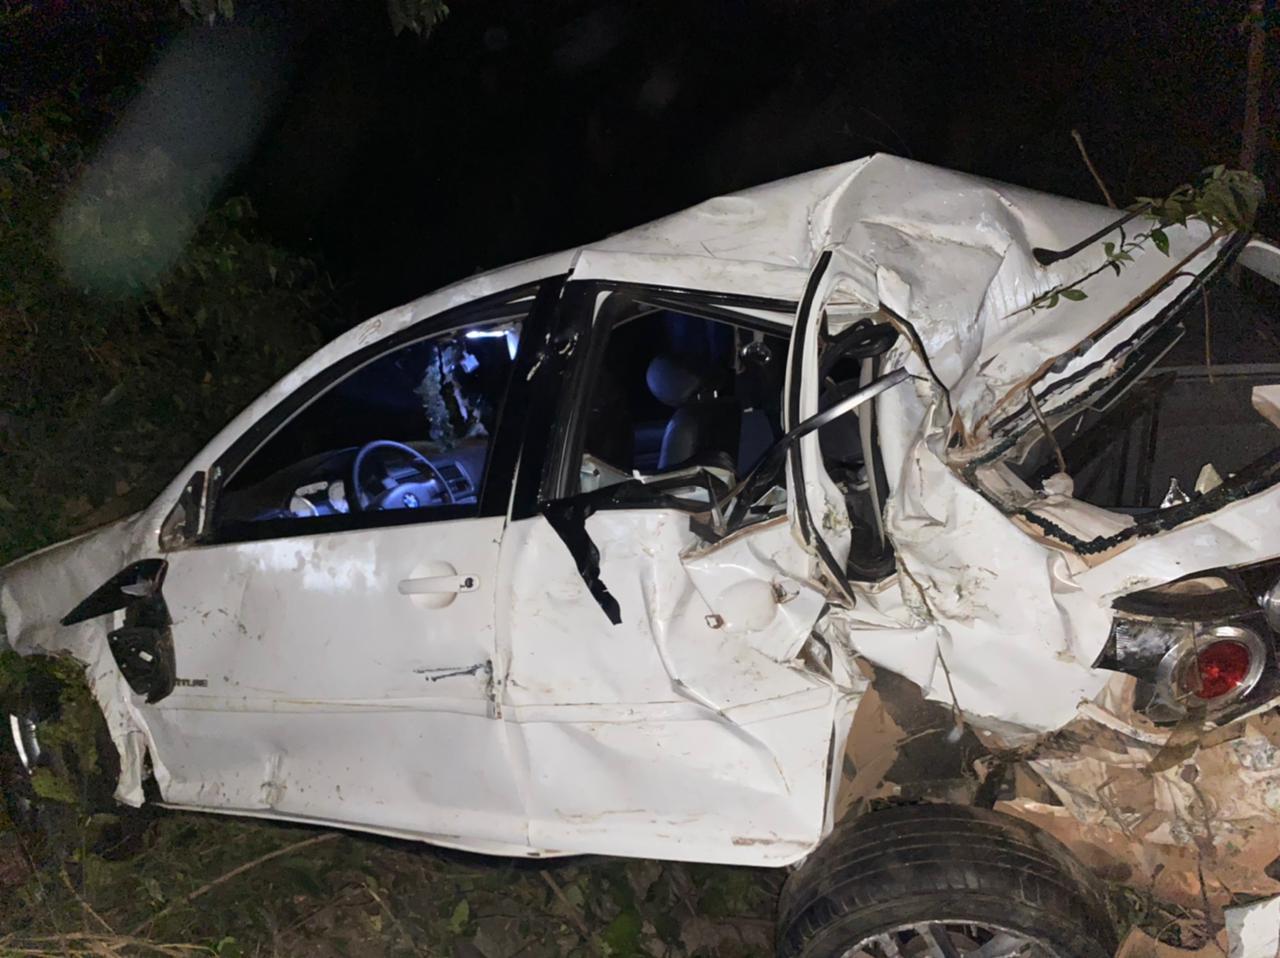 Carro cai de ponte, mata um e deixa vários feridos na BR-155, entre Marabá e Eldorado do Carajás.